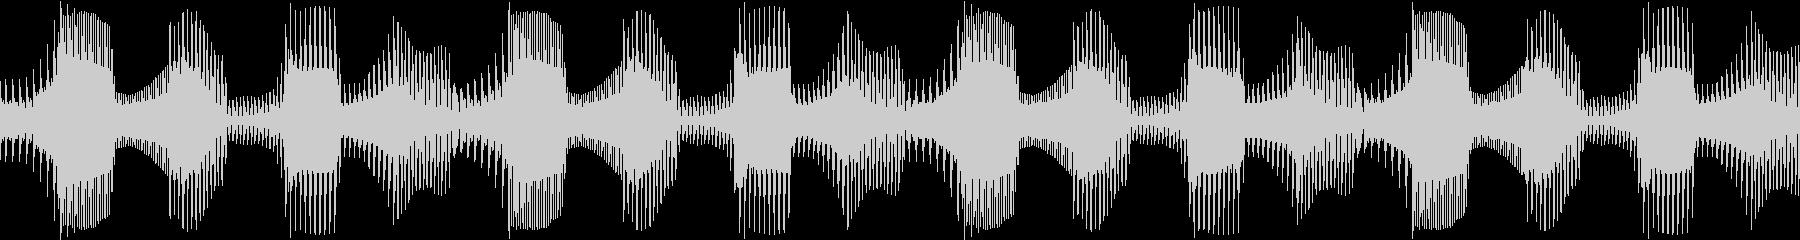 Techno ベース 4 音楽制作用の未再生の波形